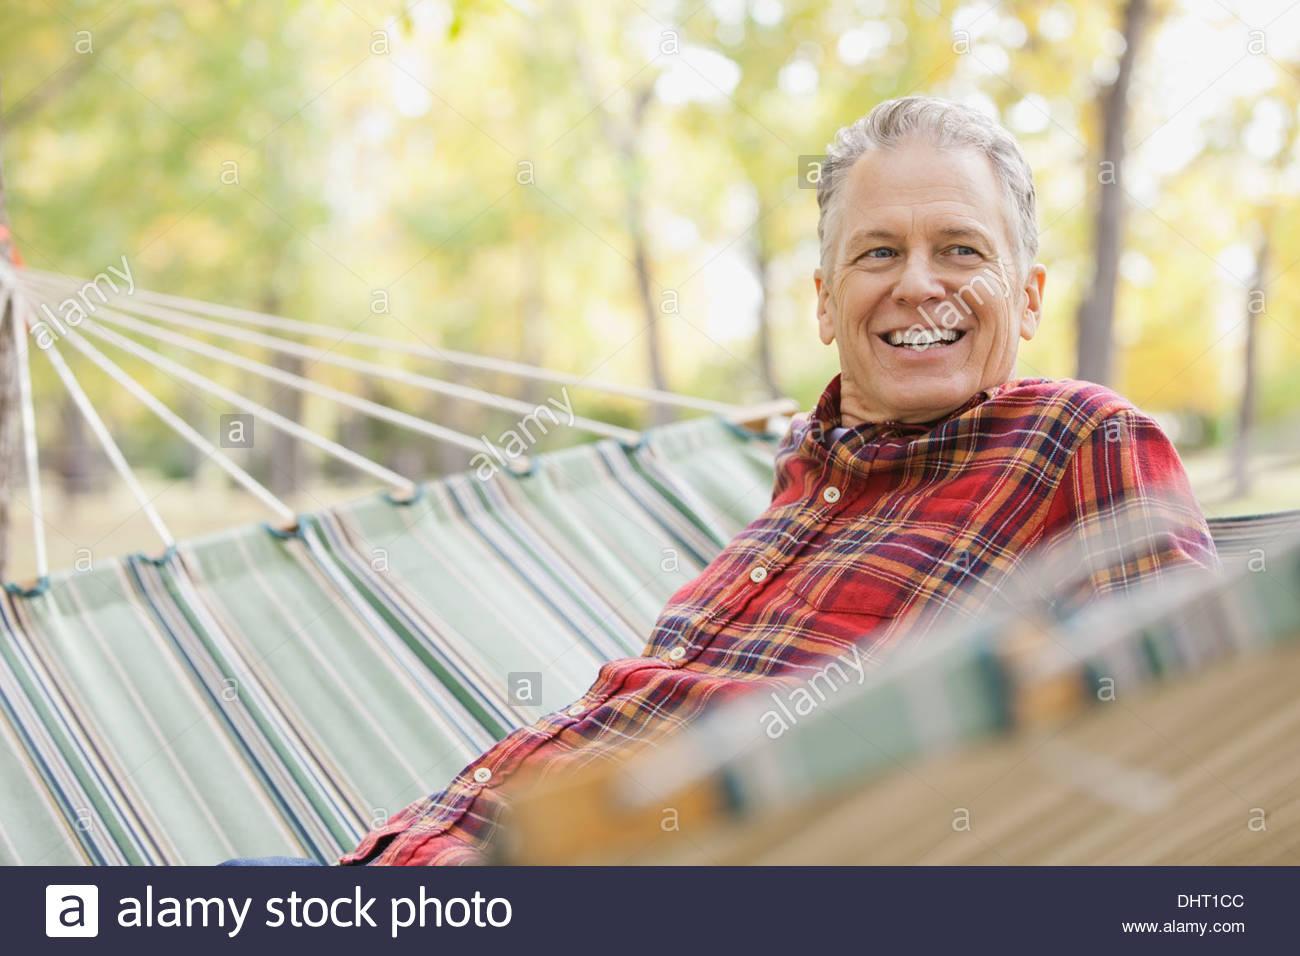 Glücklich reifer Mann sitzt in der Hängematte im park Stockbild